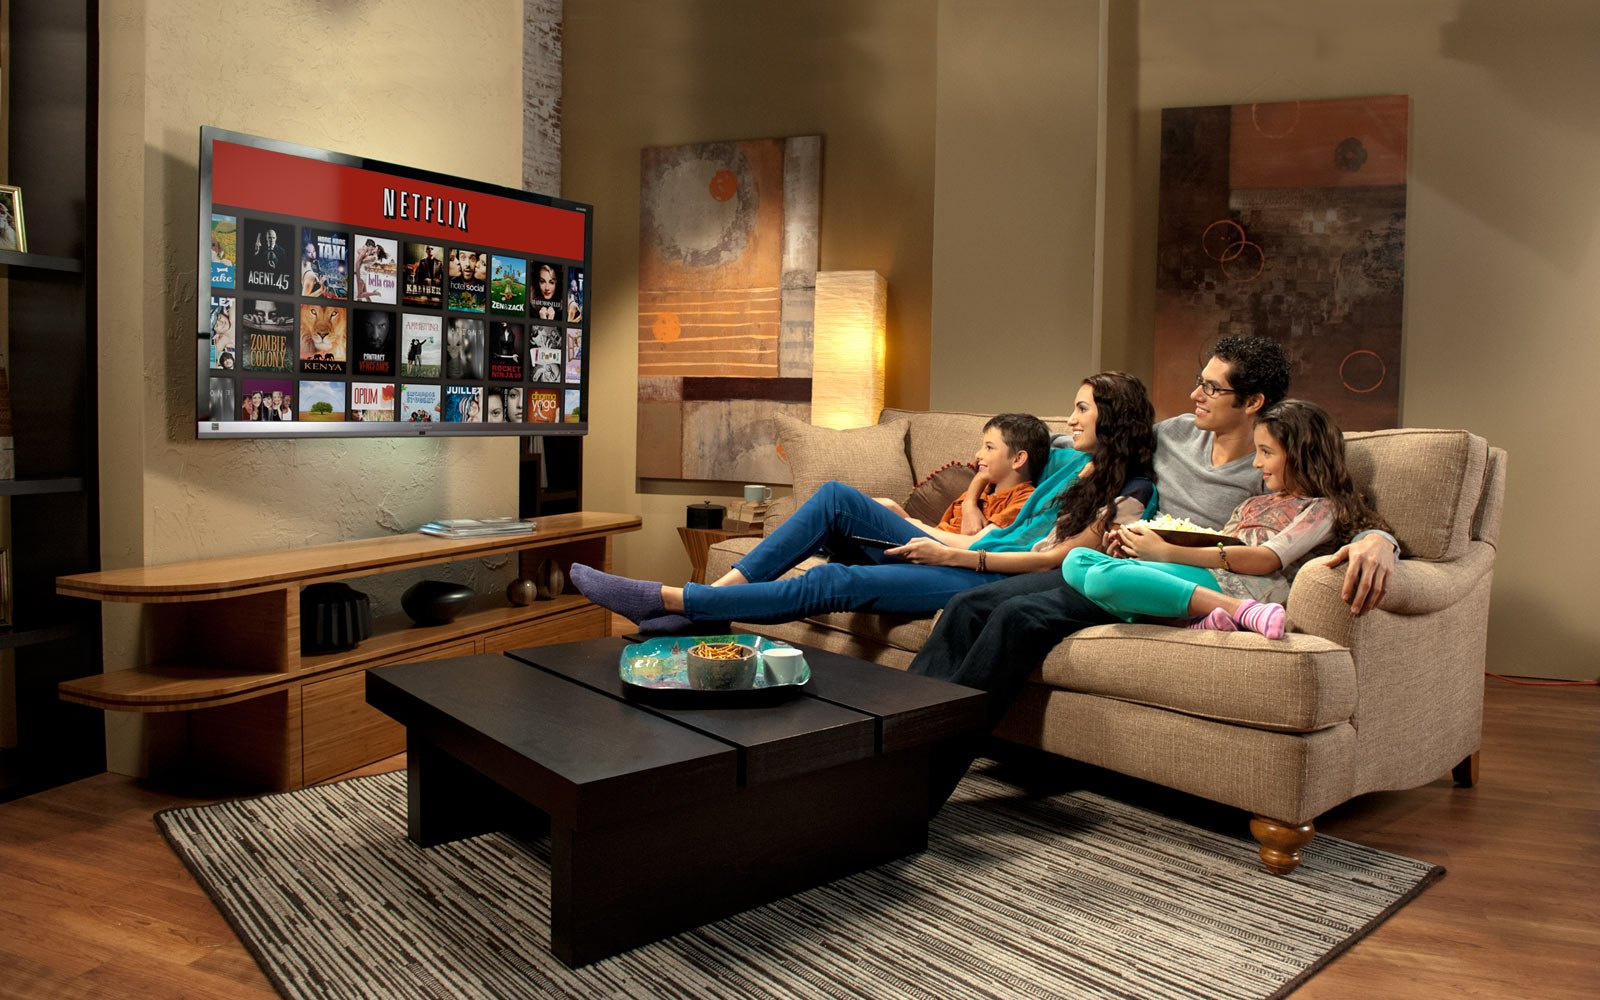 Débits des FAI avec Netflix : ça grimpe petit à petit, mais pas pour tout le monde